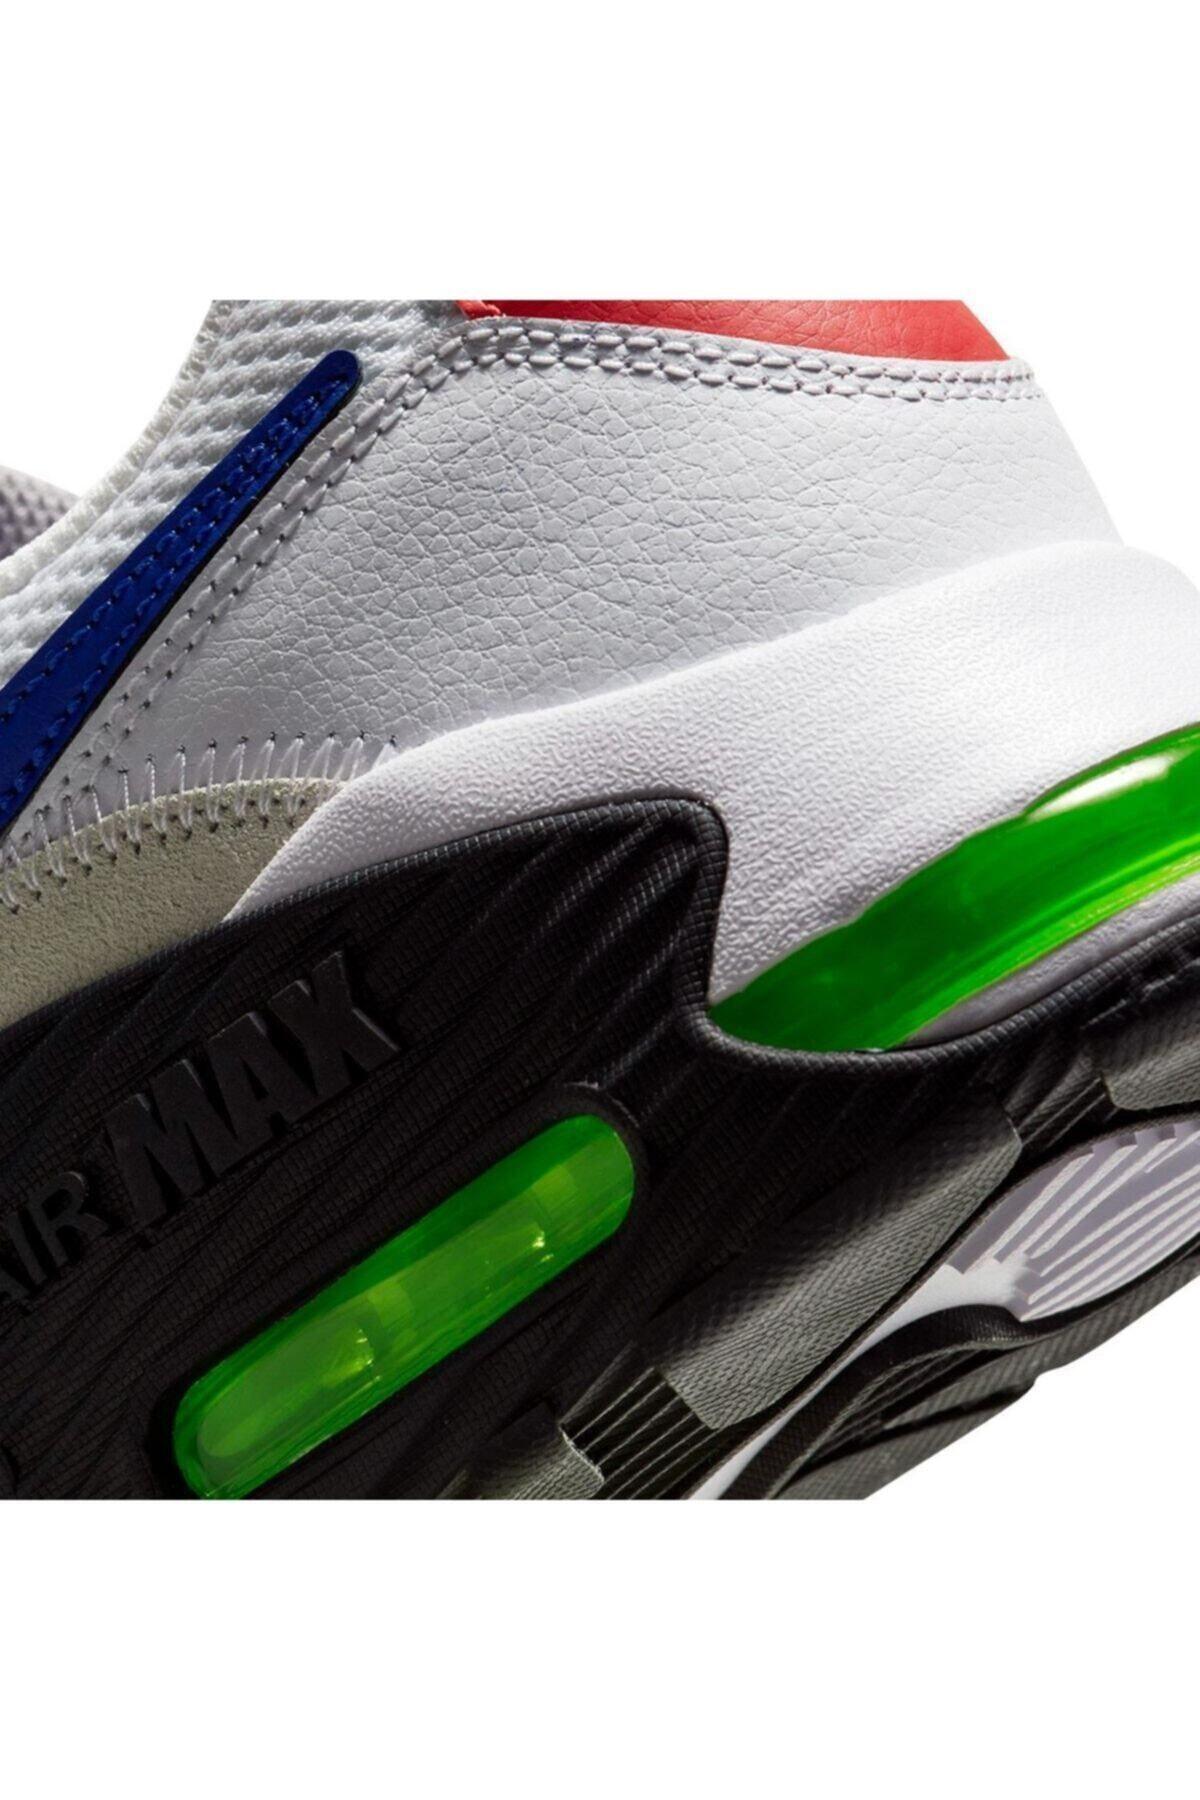 Nike Air Max Excee Erkek Günlük Ayakkabı Cd4165-101 2